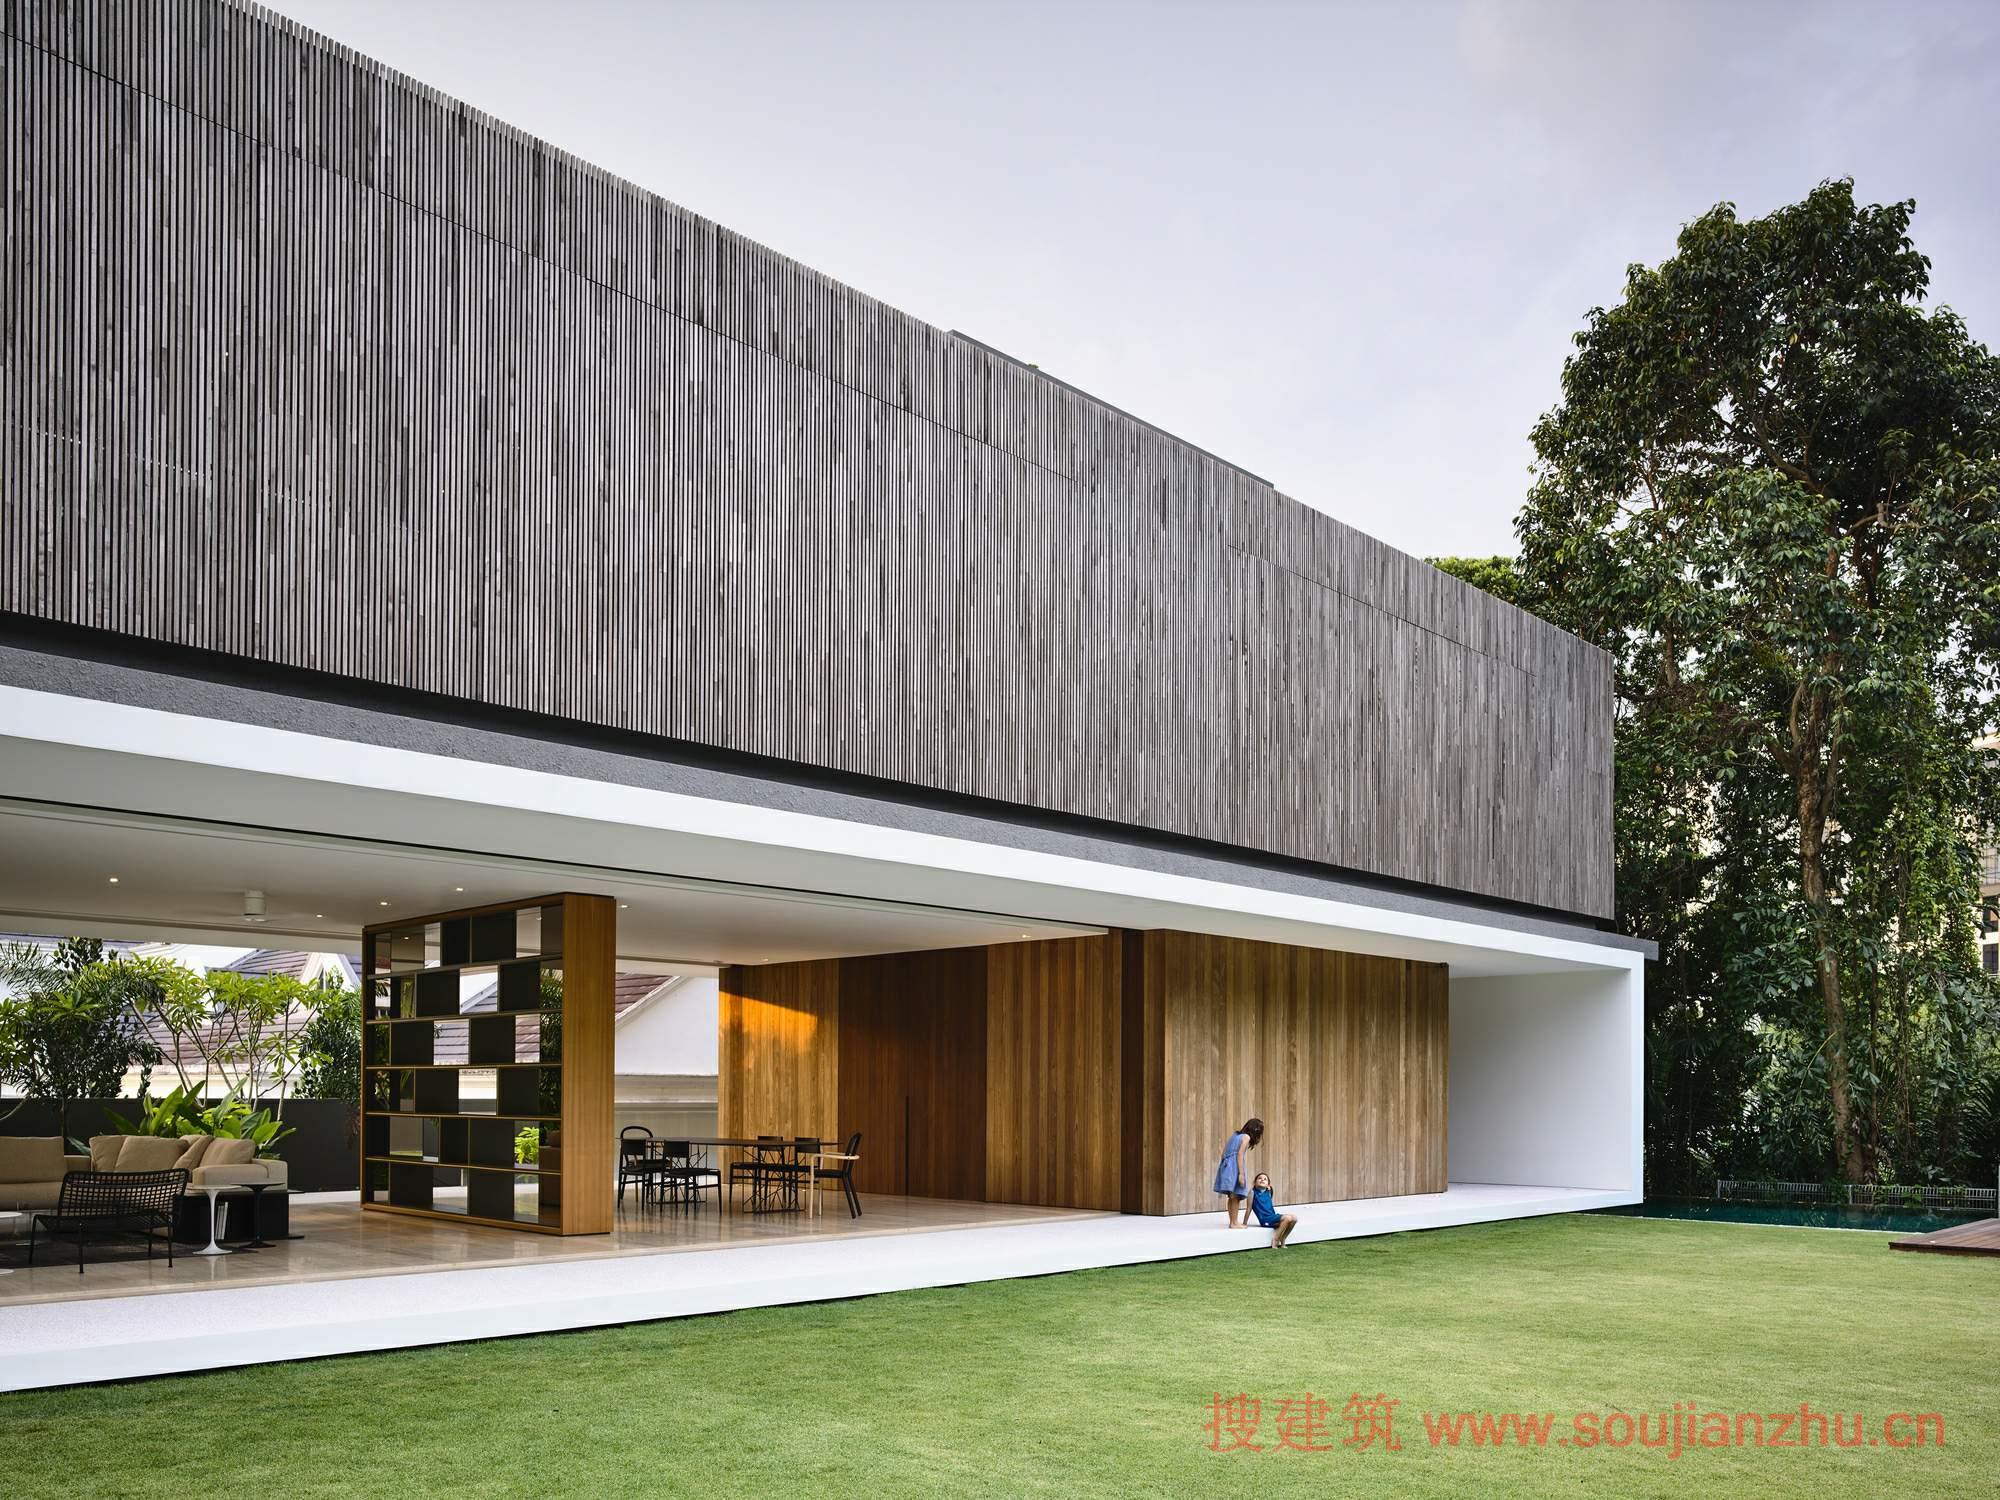 建筑师:ONG&ONG Pte Ltd 地点:新加坡 面积:917.78平方米 年份:2016  KAP别墅坐落于马来西亚铁路旁的一个富人住宅区内,原来的这里杂草丛生。这个小区曾经是黑白平房,有一个大的花园,是典型的热带生活区。  保留了废弃铁路旁的绿色通道,提供了一个天然的热带地形。日本的设计团队采用shakkei设计原则,利用周边的美丽环境。他们的目的是在美丽壮观的大自然中建造一个家。 KAP别墅以捕捉其奇妙的自然环境为前提,完全适应环境,建筑师着重落实齐家绿色走廊的理念。设计团队优先考虑外部